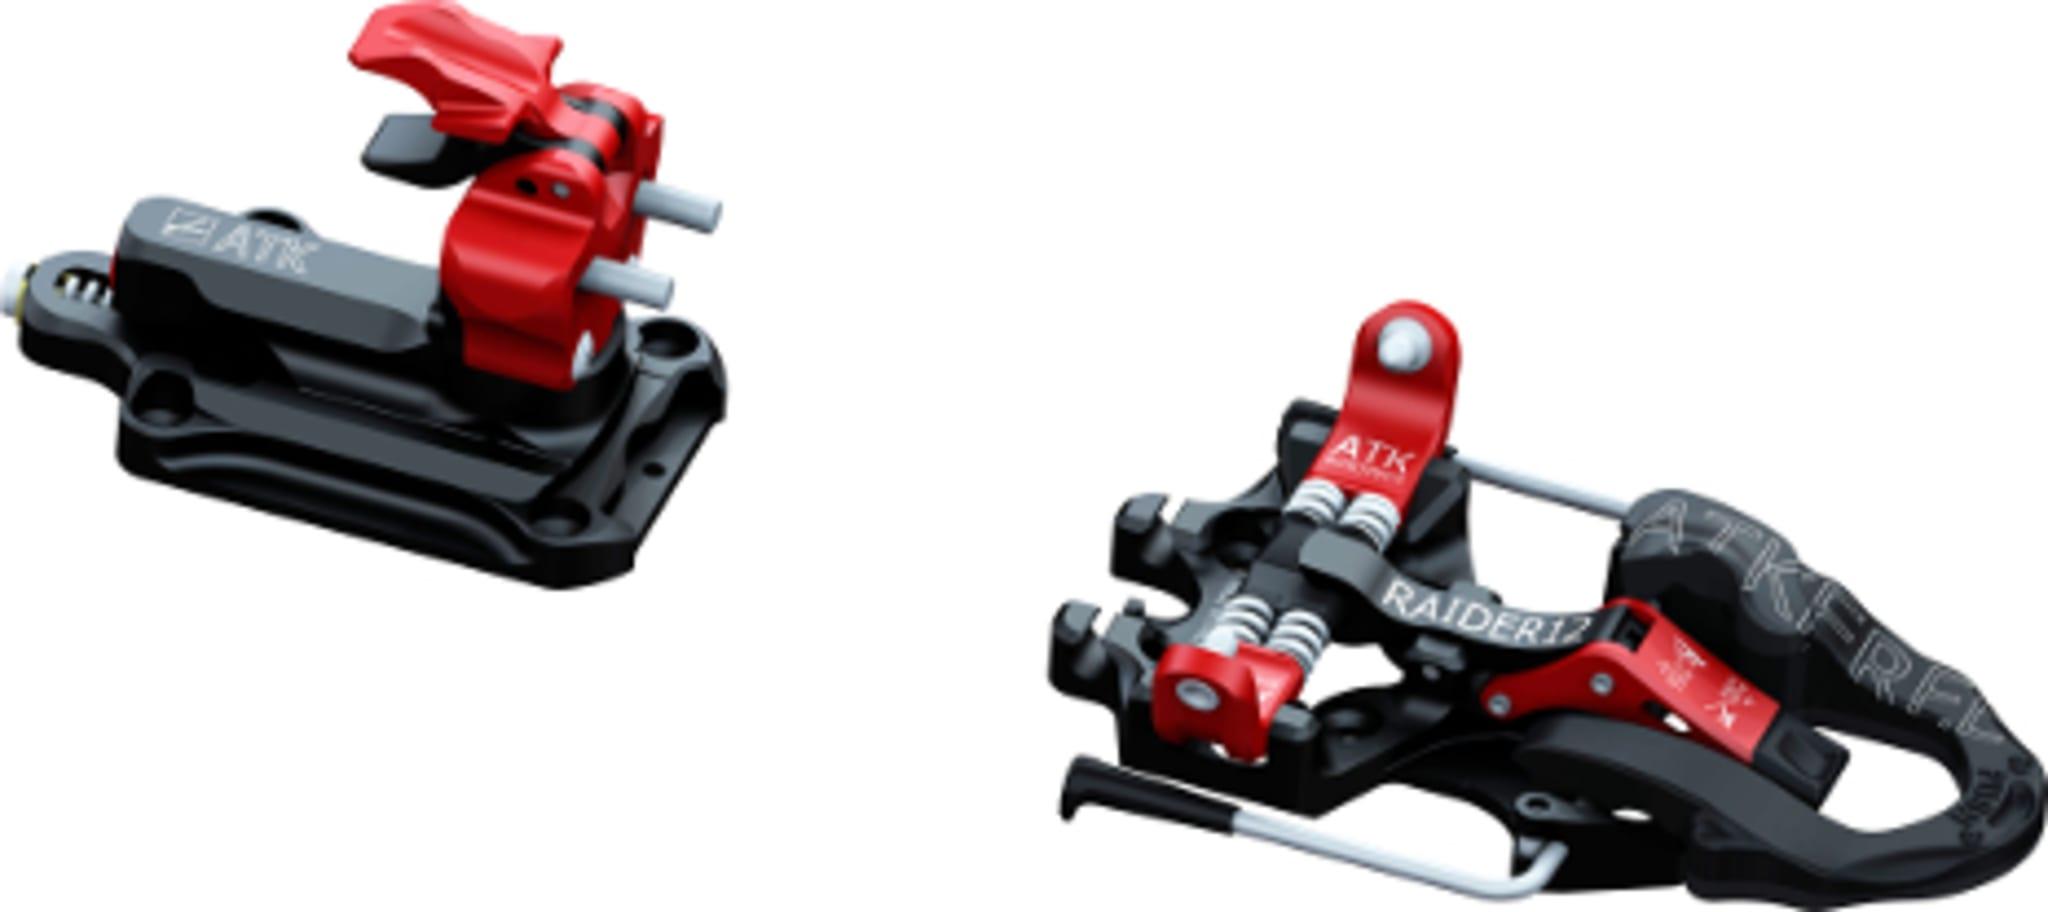 Allsidig toppturbinding med integrert skistopper!